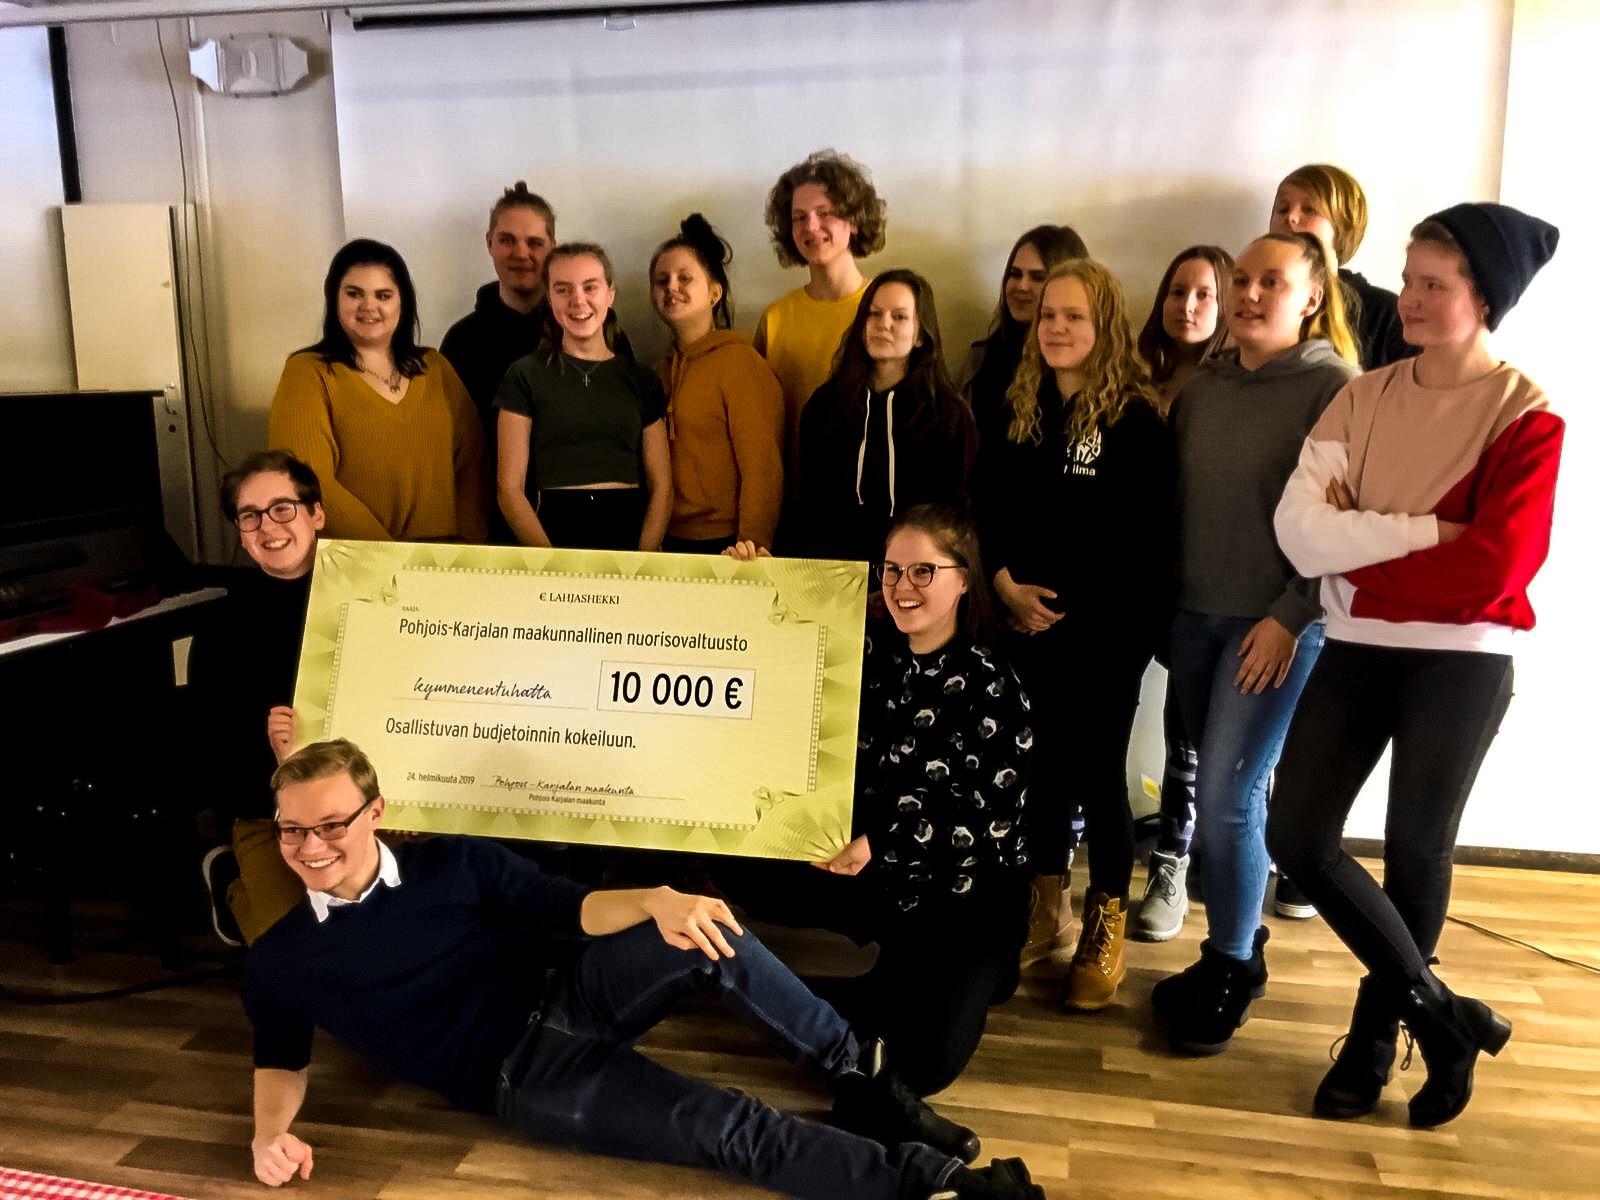 Pohjois-Karjalan maakunnallinen nuorisovaltuusto sao helmikuussa 2019 maakunnan liitolta 10 000 euroa osallistuvan budjetoinnin kokeiluun.